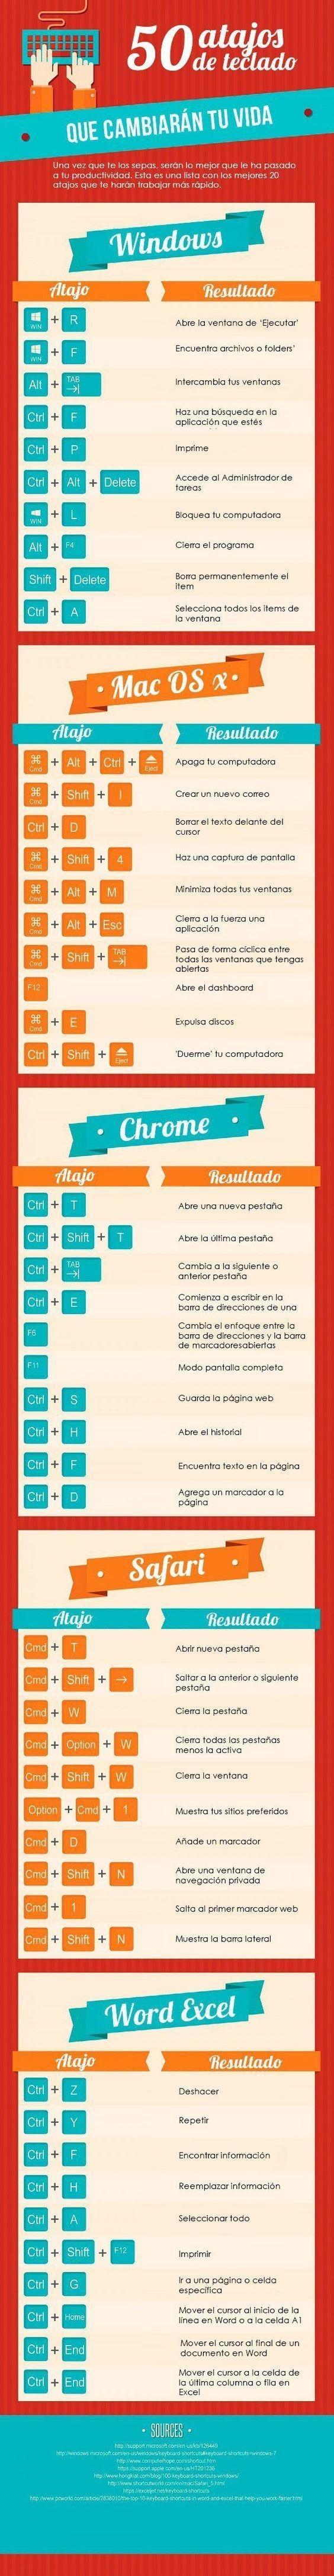 Muchas infografias utiles